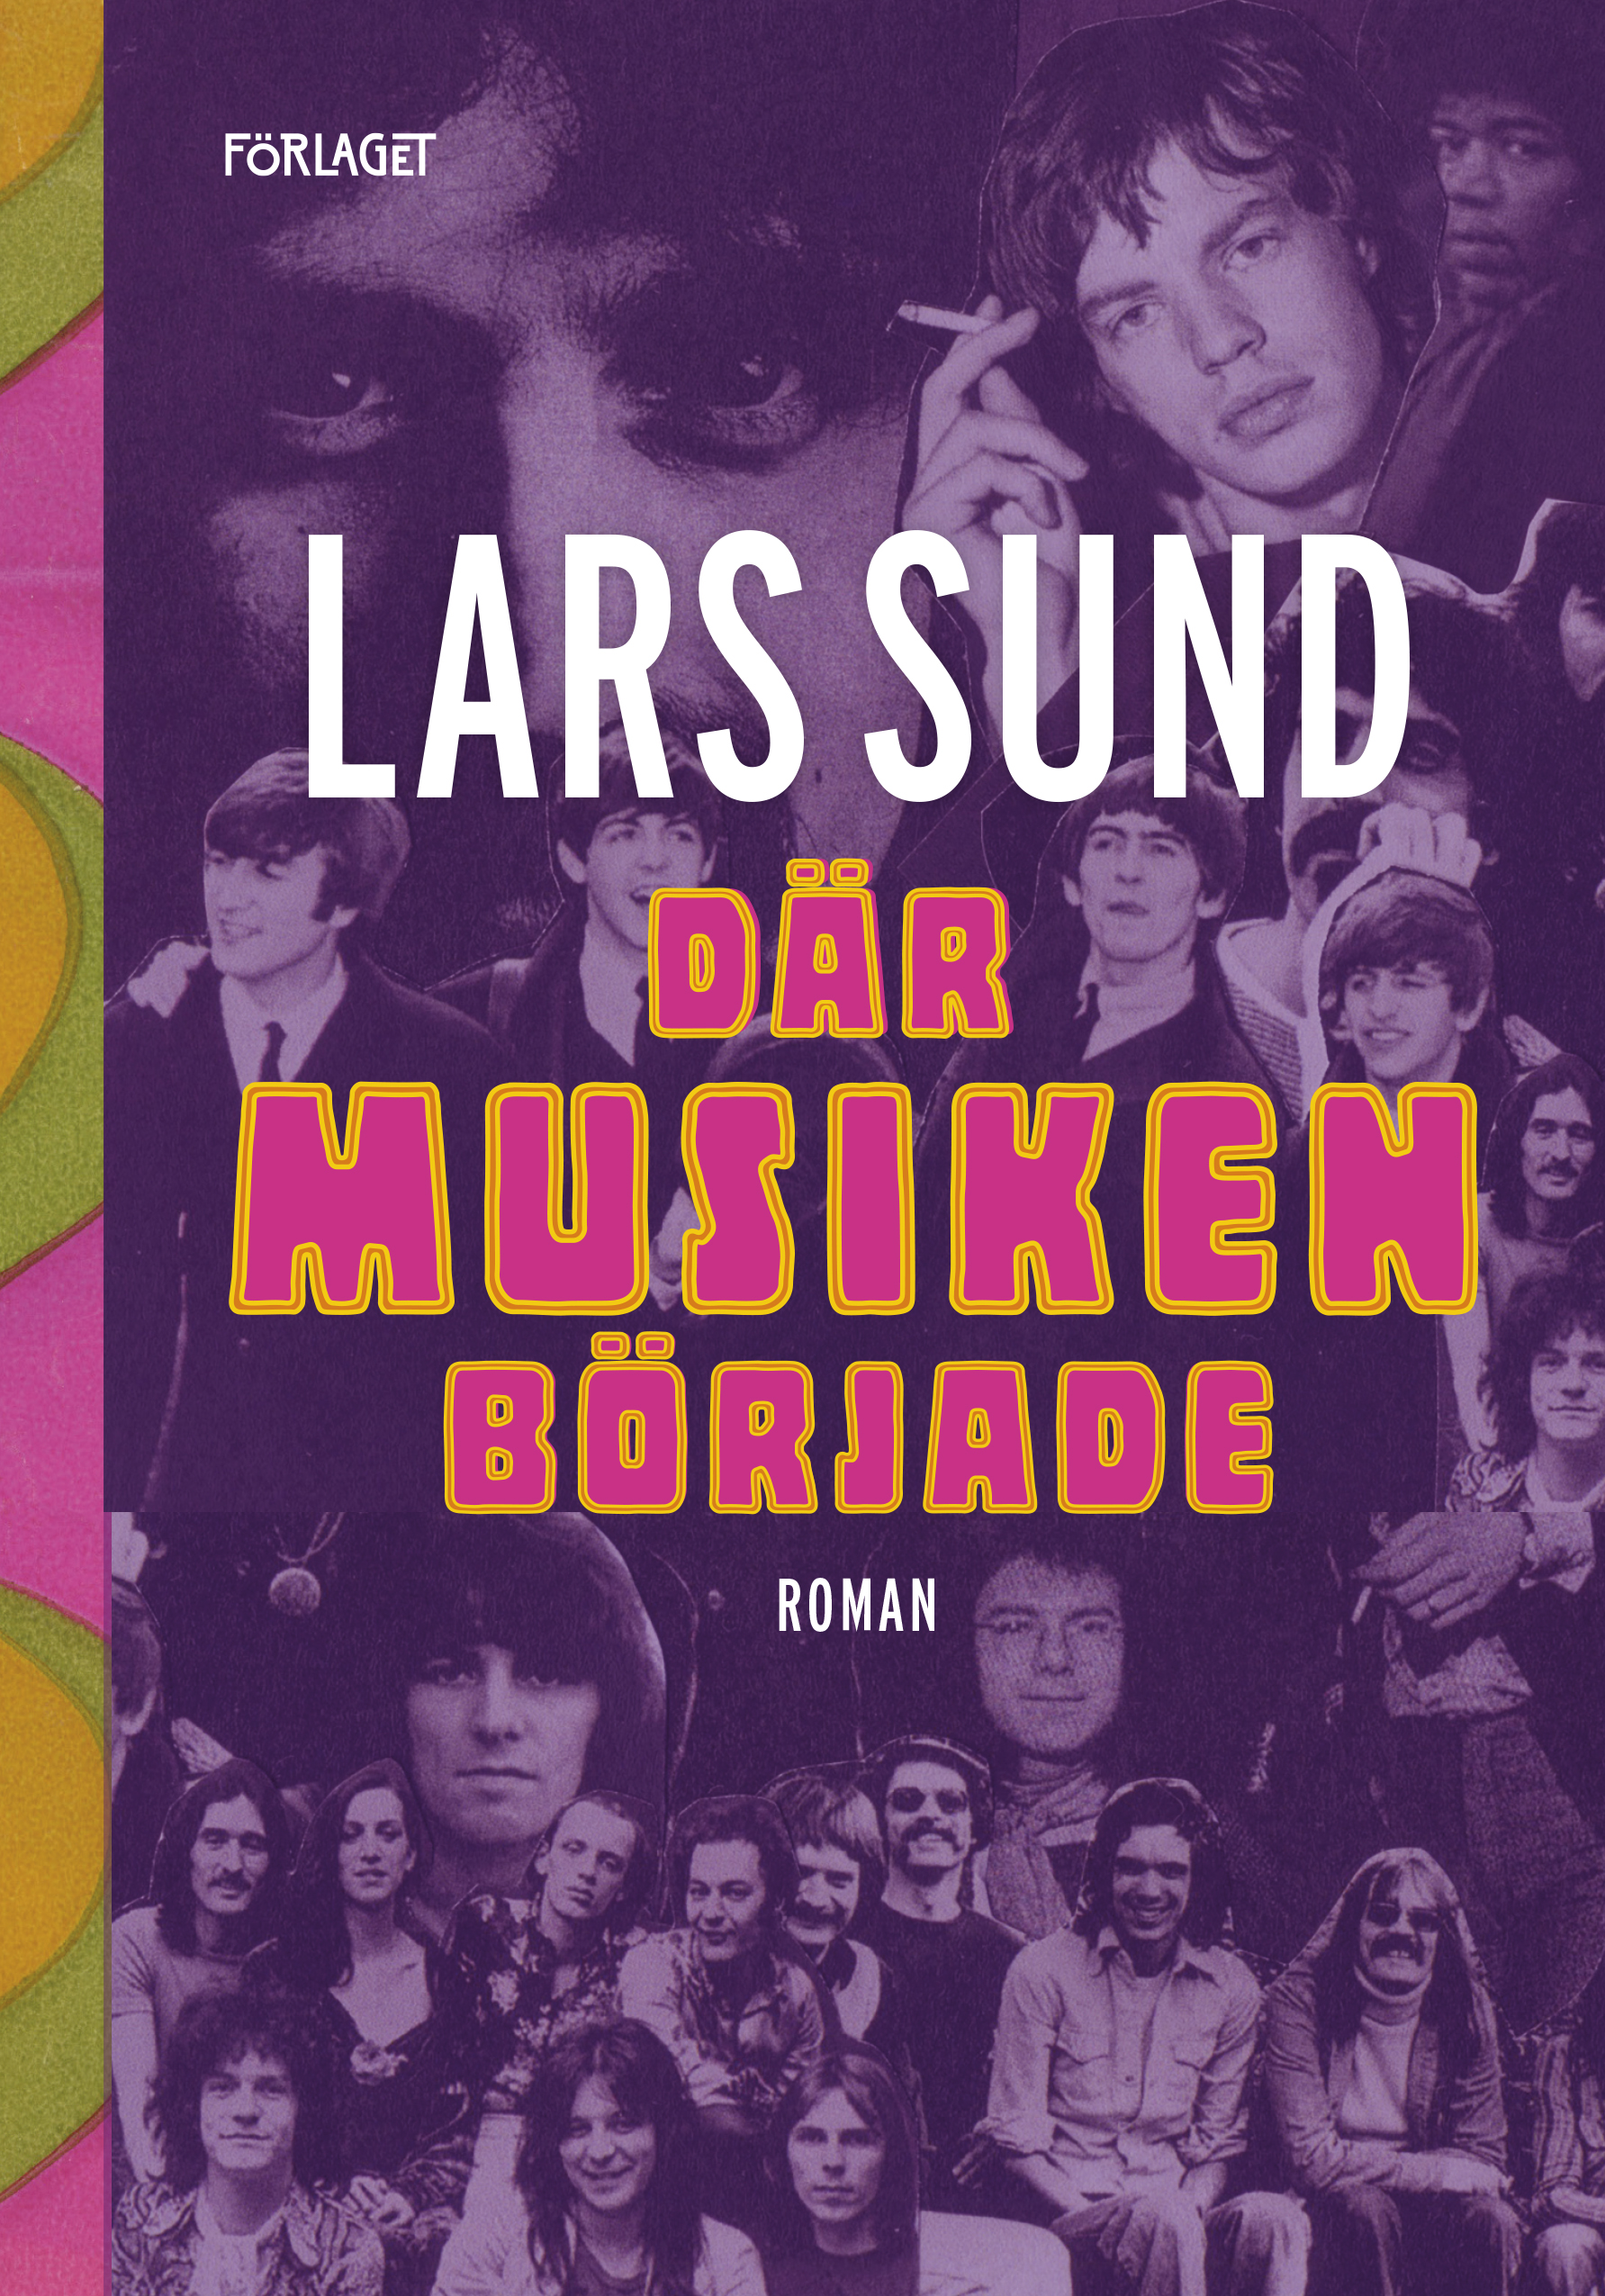 Lars Sund: Där musiken började